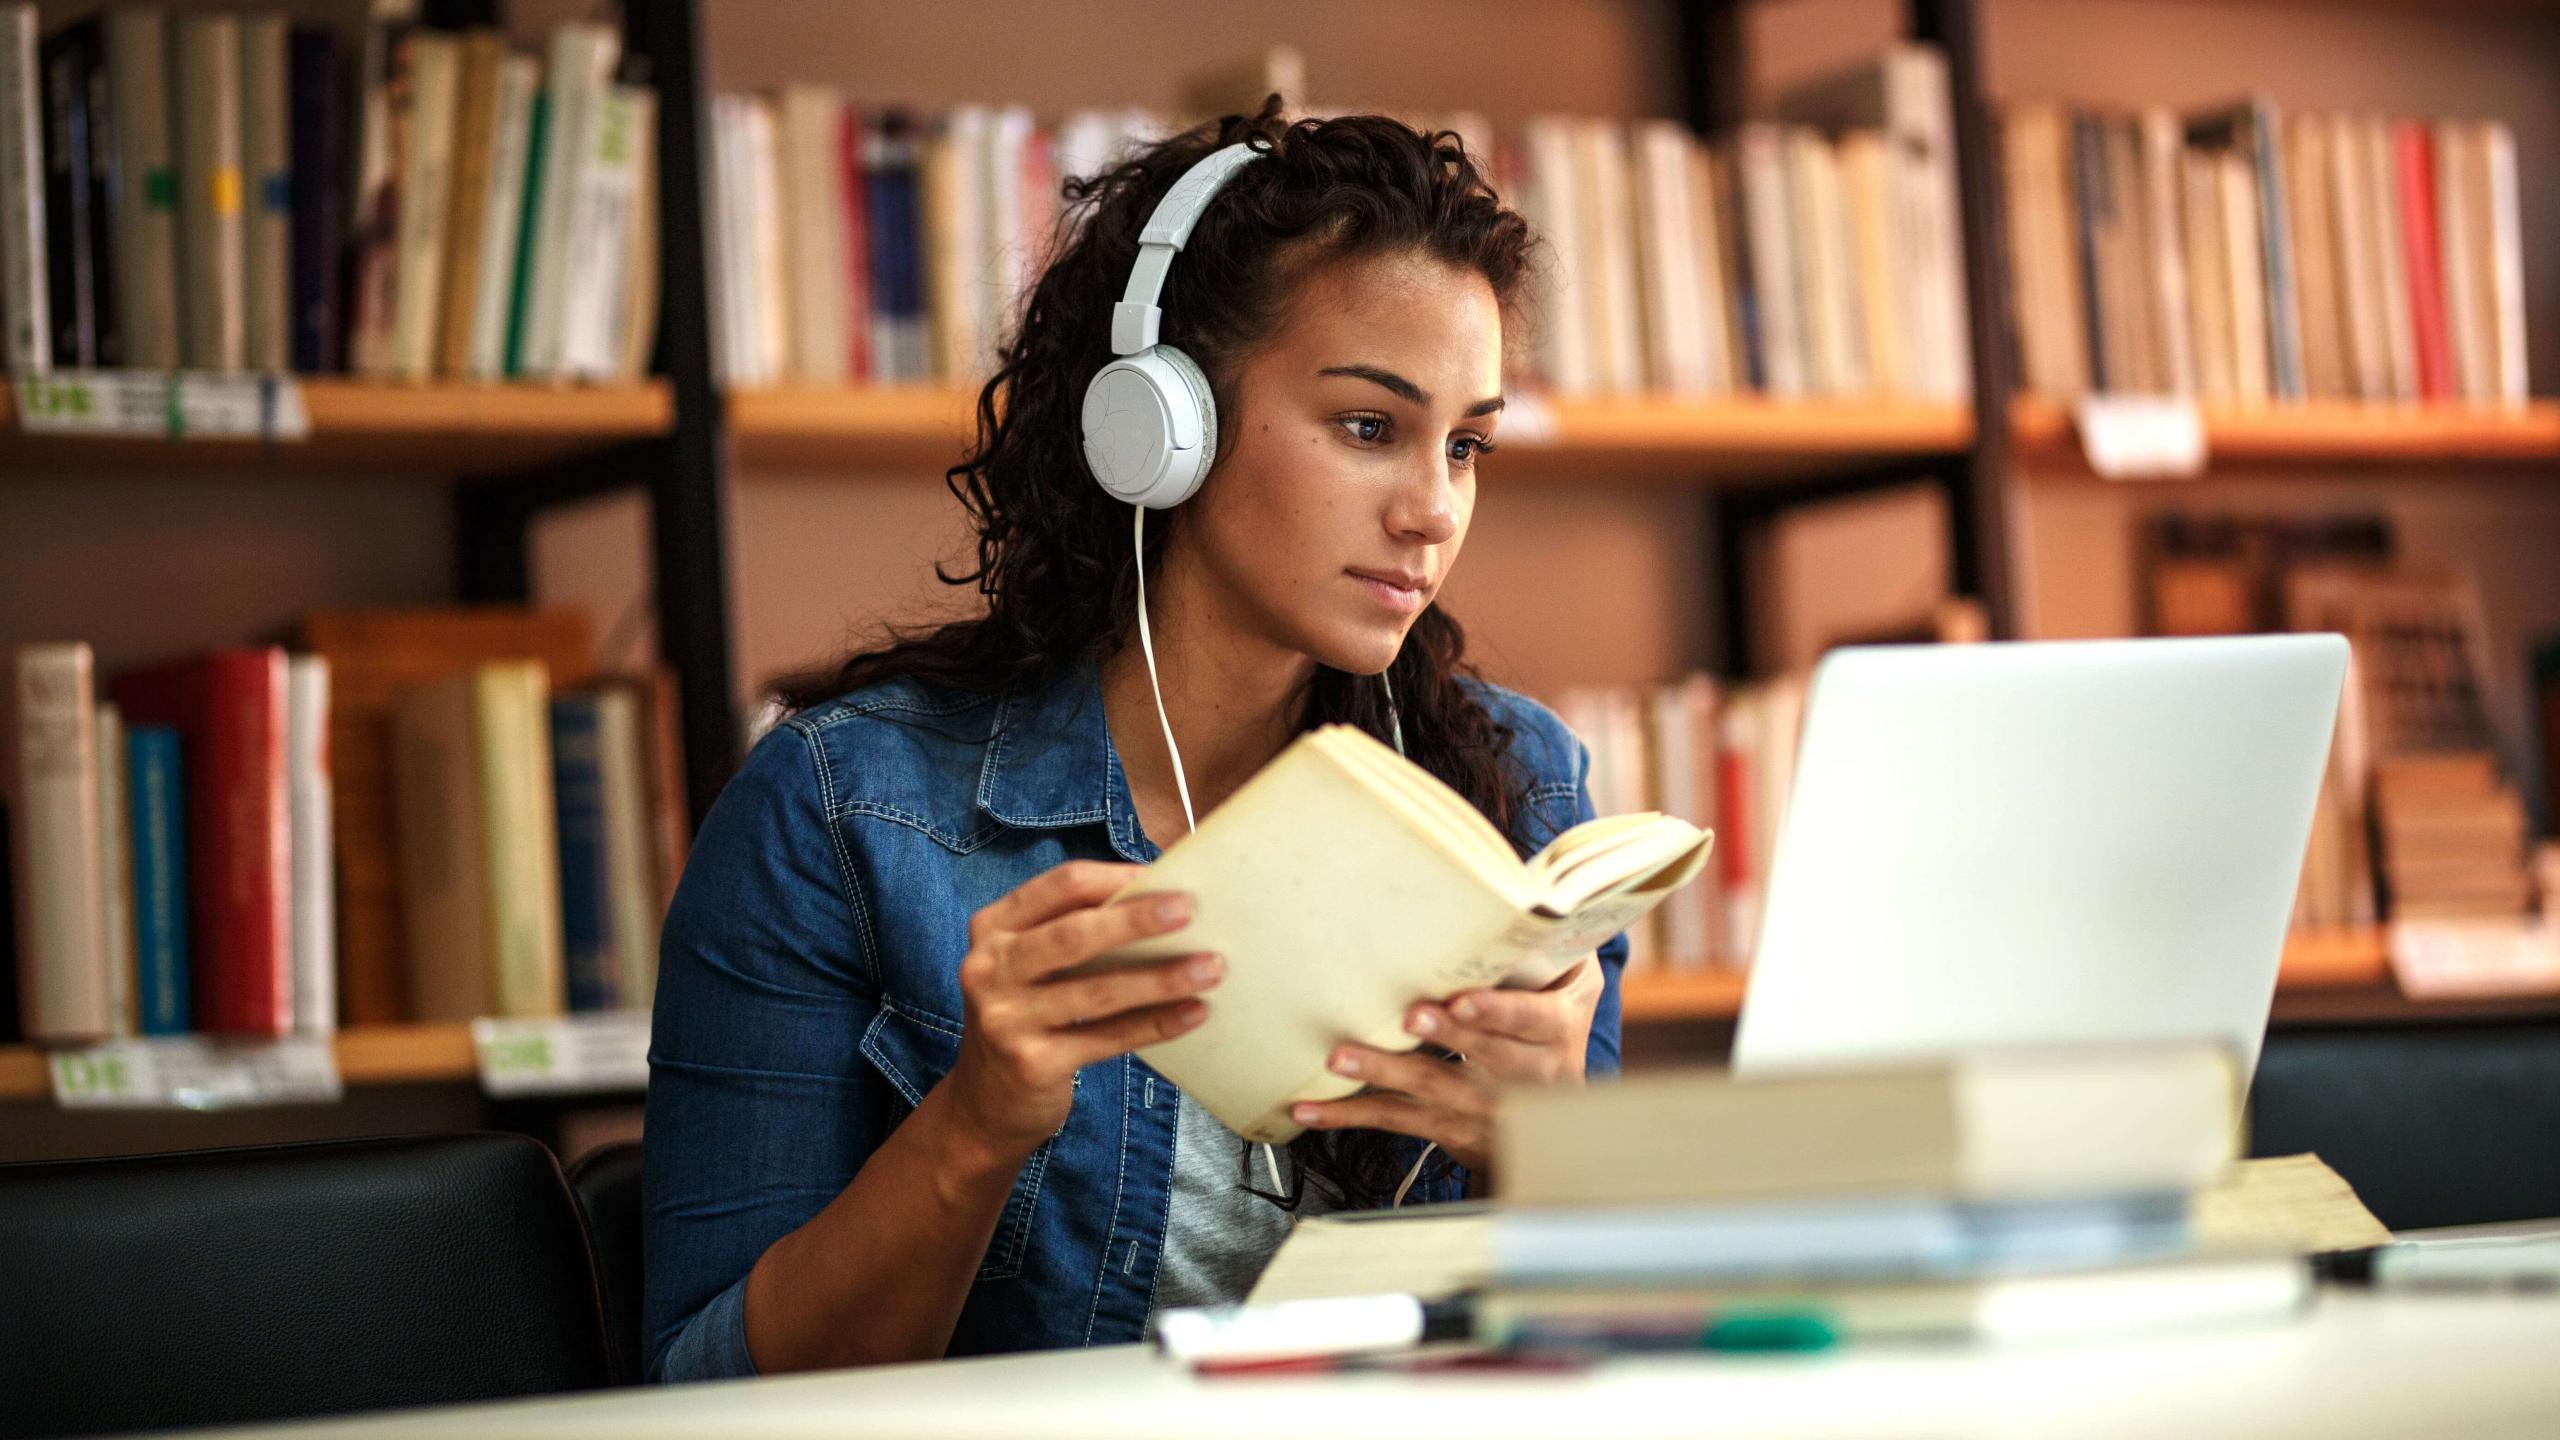 Классическая музыка и сон помогли студентам успешнее сдать экзамен